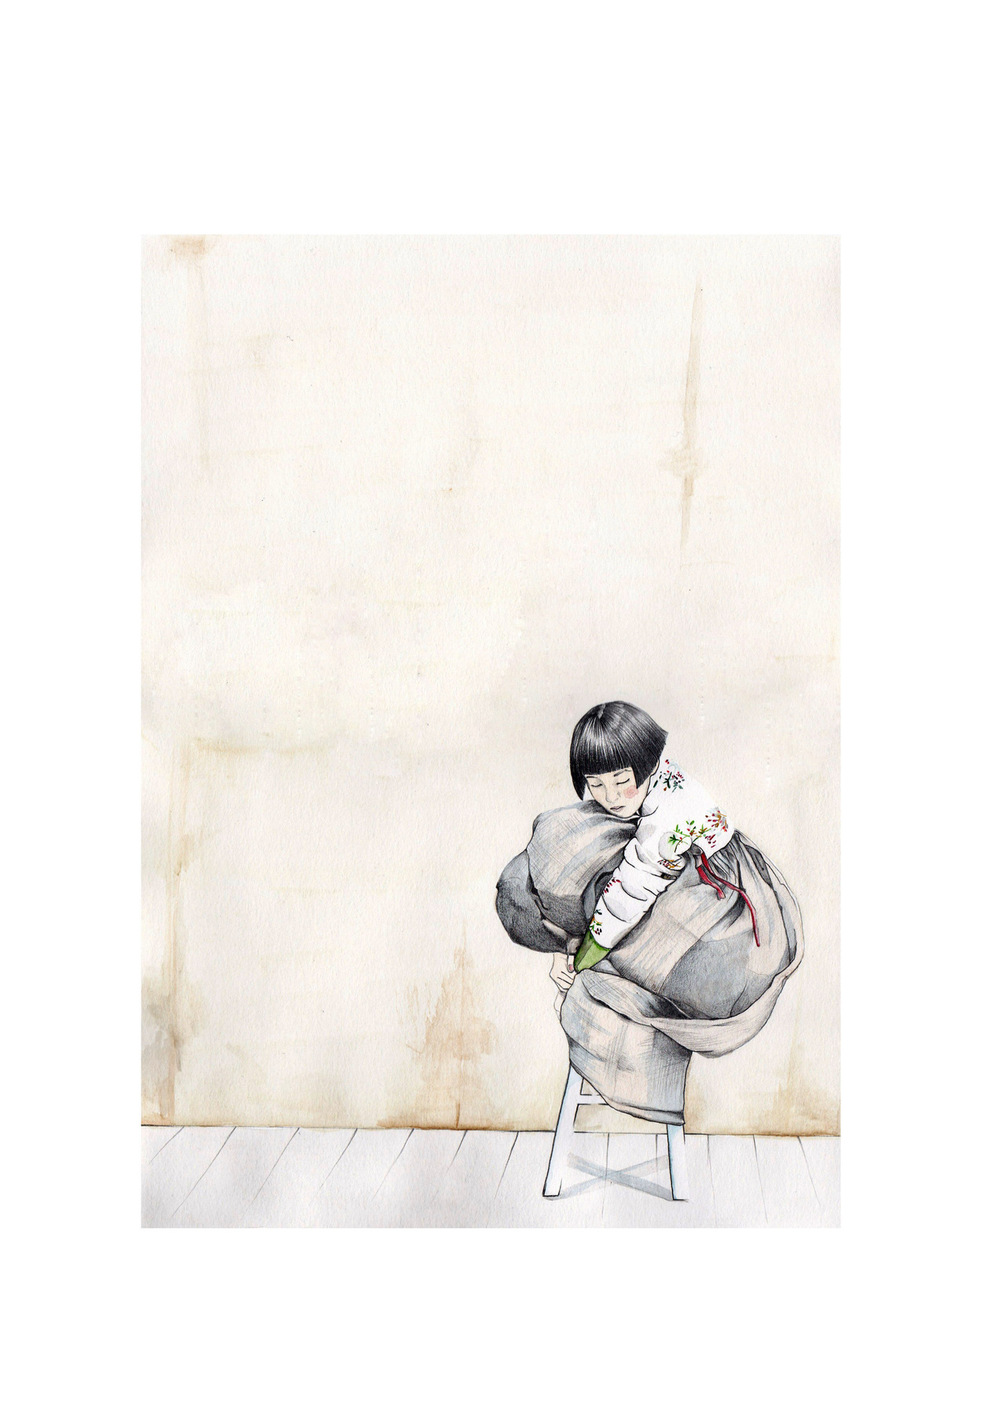 Laura Searle - Pencil & Watercolor. Contrast.